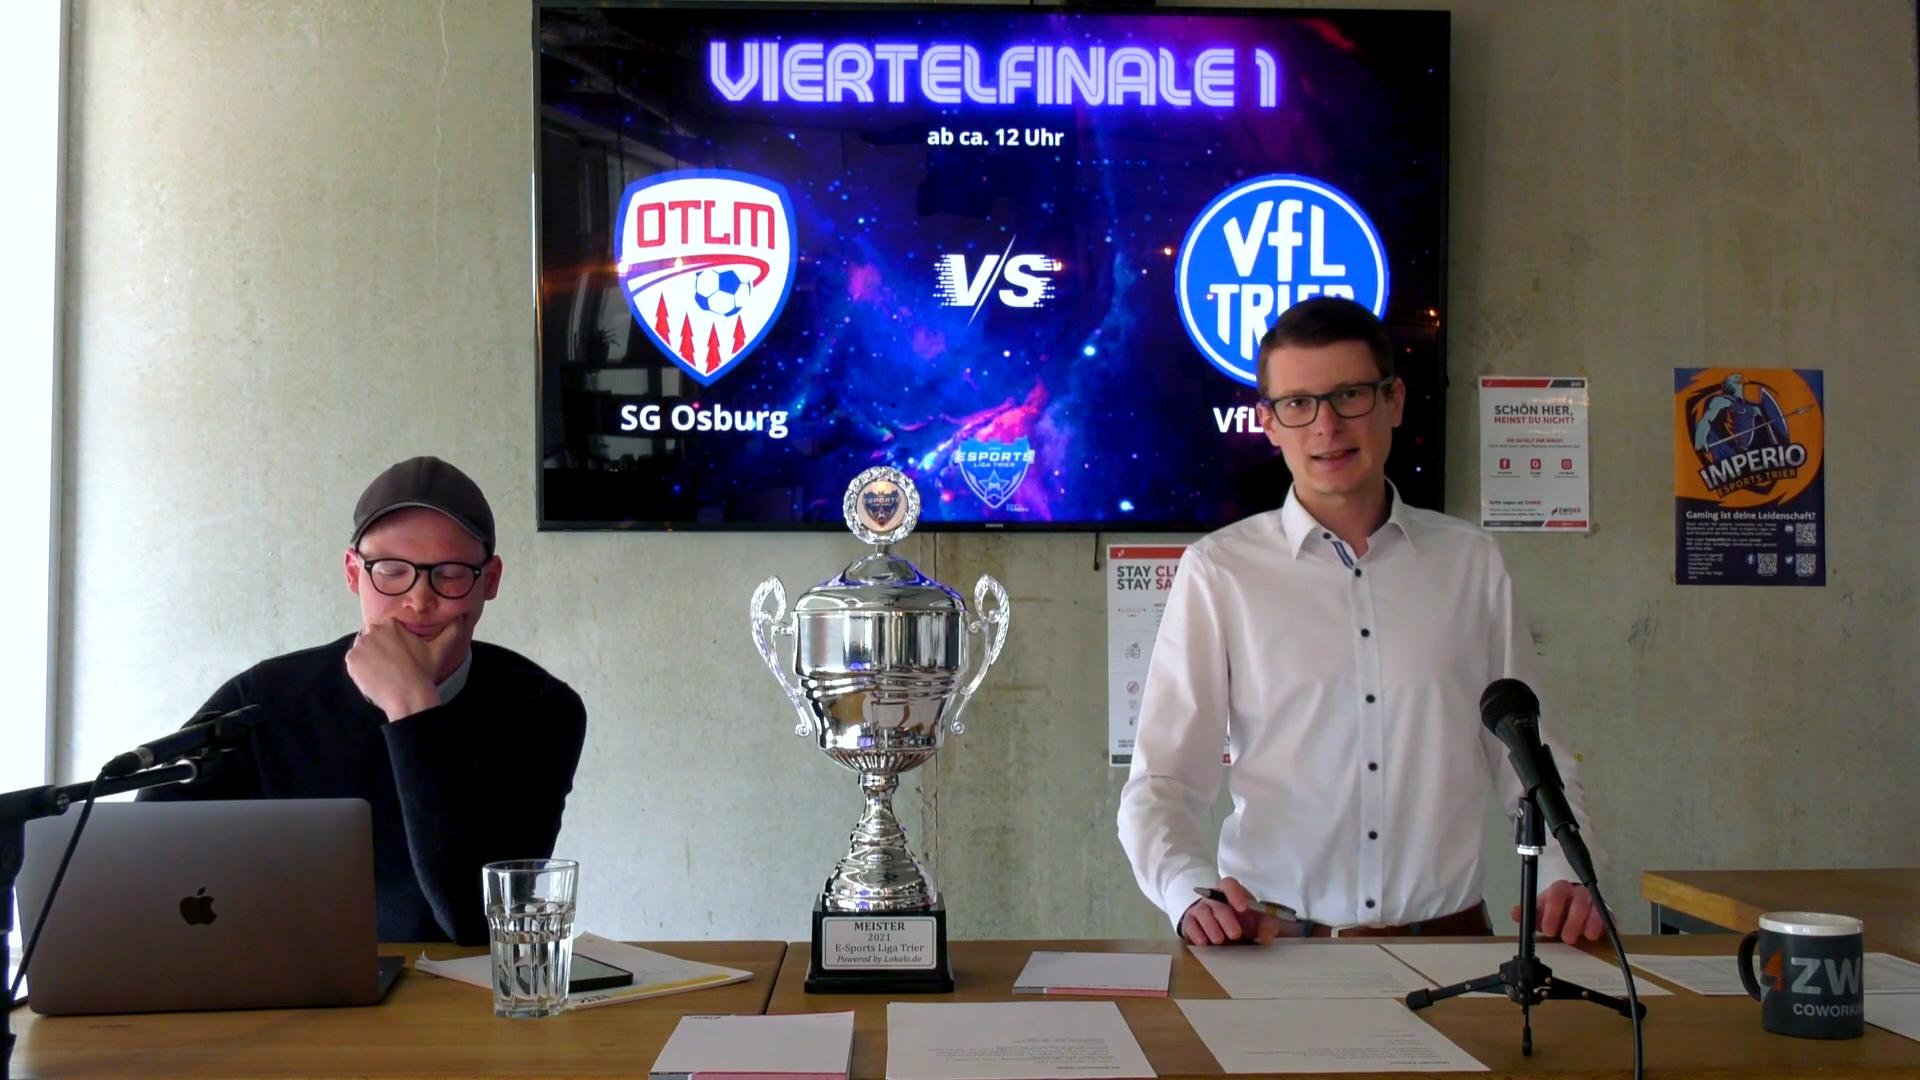 Das Studio für die eSports Liga Trier. Im Vordergrund sieht man die zwei Moderatoren und eine Live-Matchcard auf dem Fernseher dahinter.